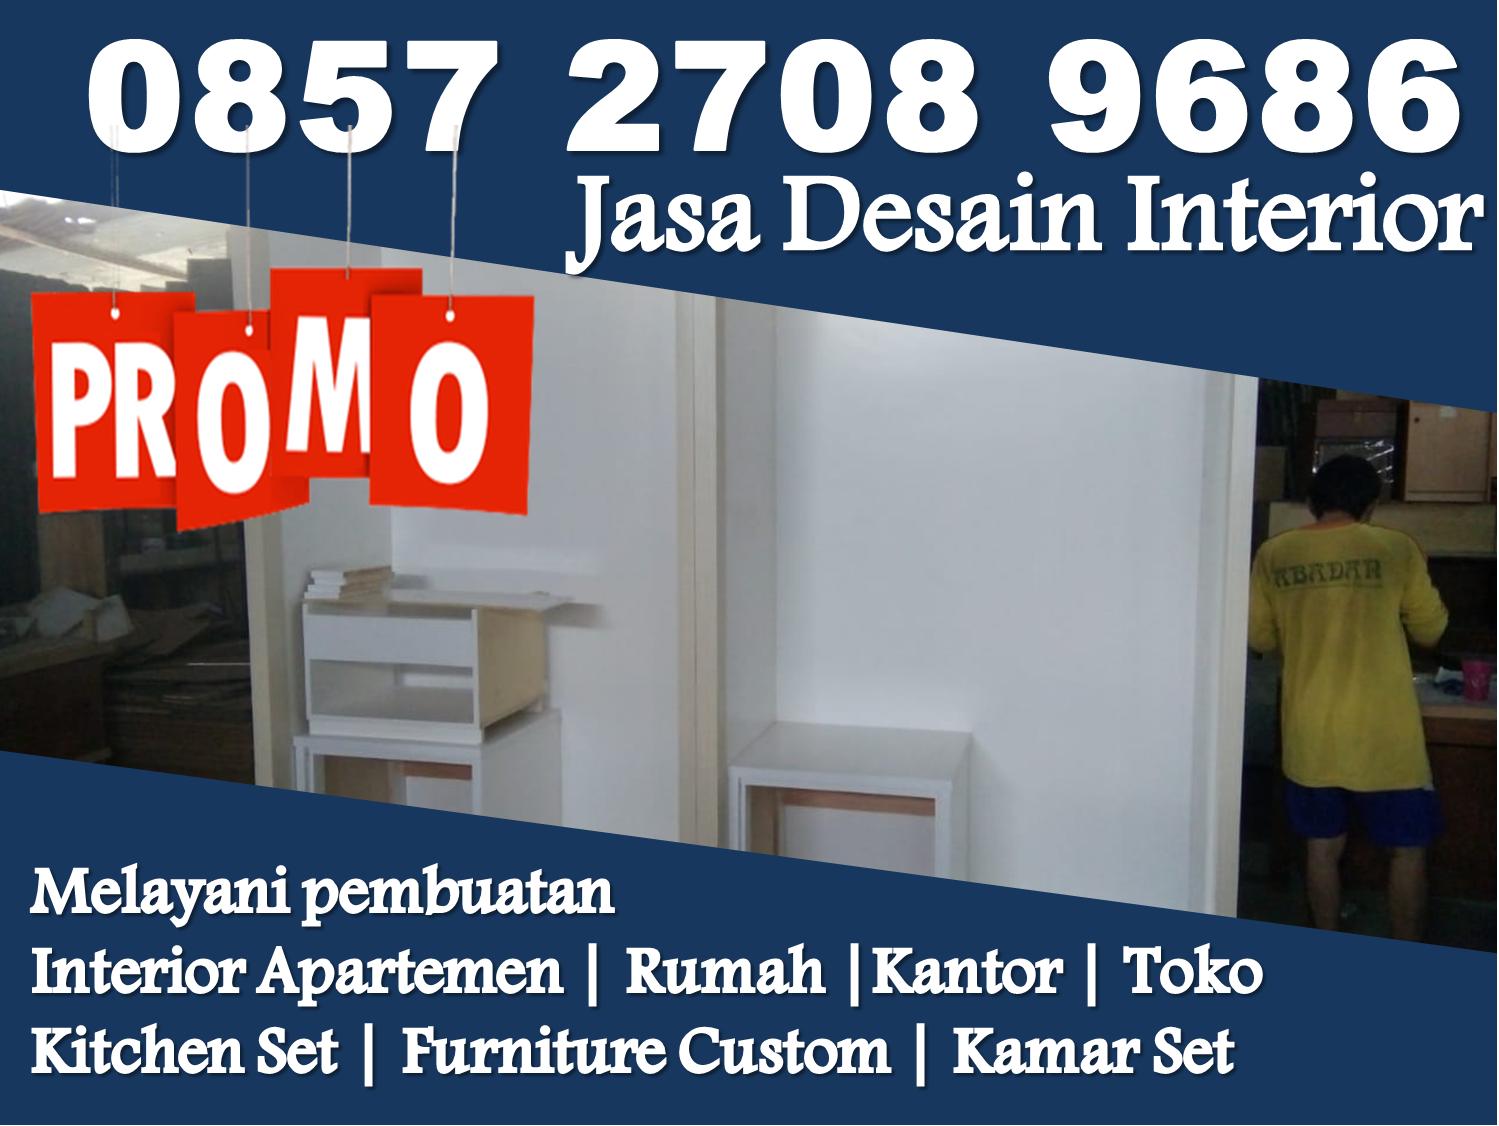 Terbaik telp wa 0857 2708 9686 furniture apartemen 2 kamar apartemen kali